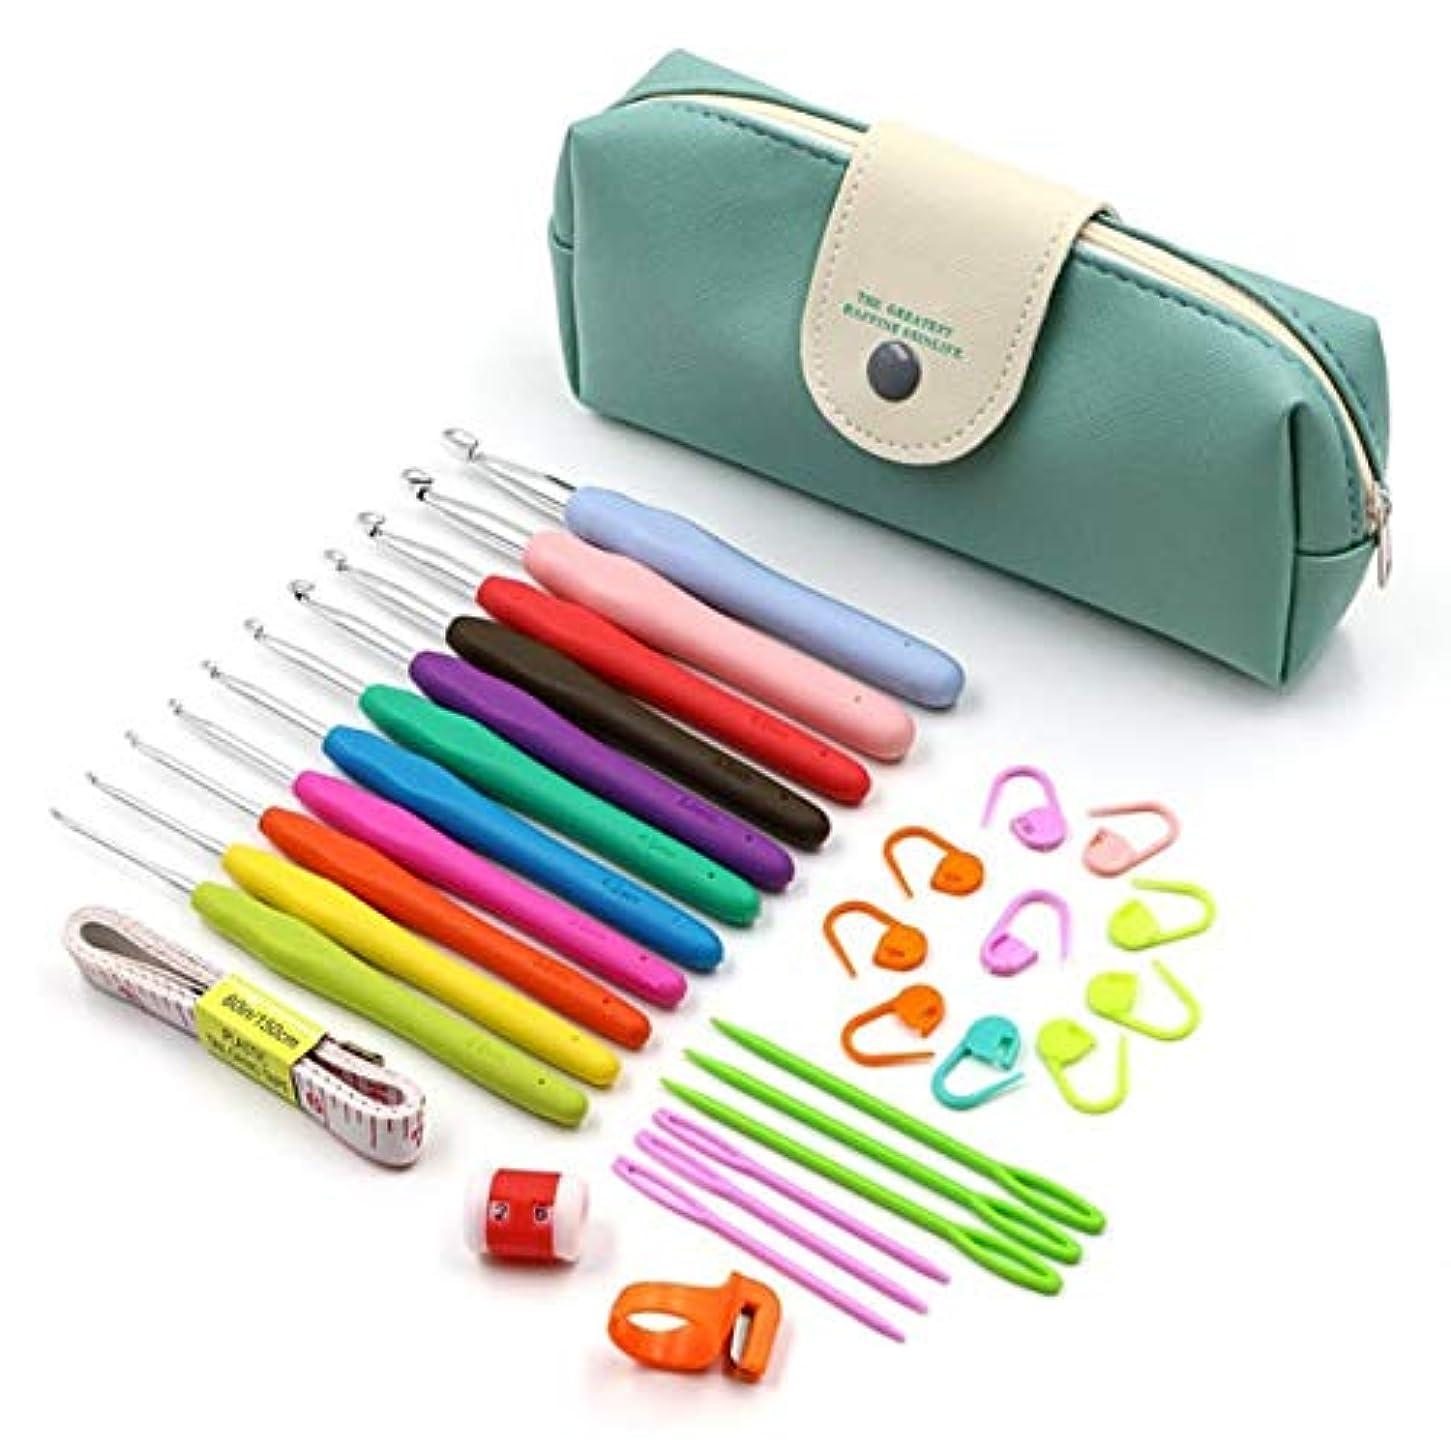 肺炎採用伝説Saikogoods ソフトハンドル 収納袋付きアルミかぎ針編みのフックキット 糸編み物針 裁縫ツール 人間工学に基づいたグリップセット 多色